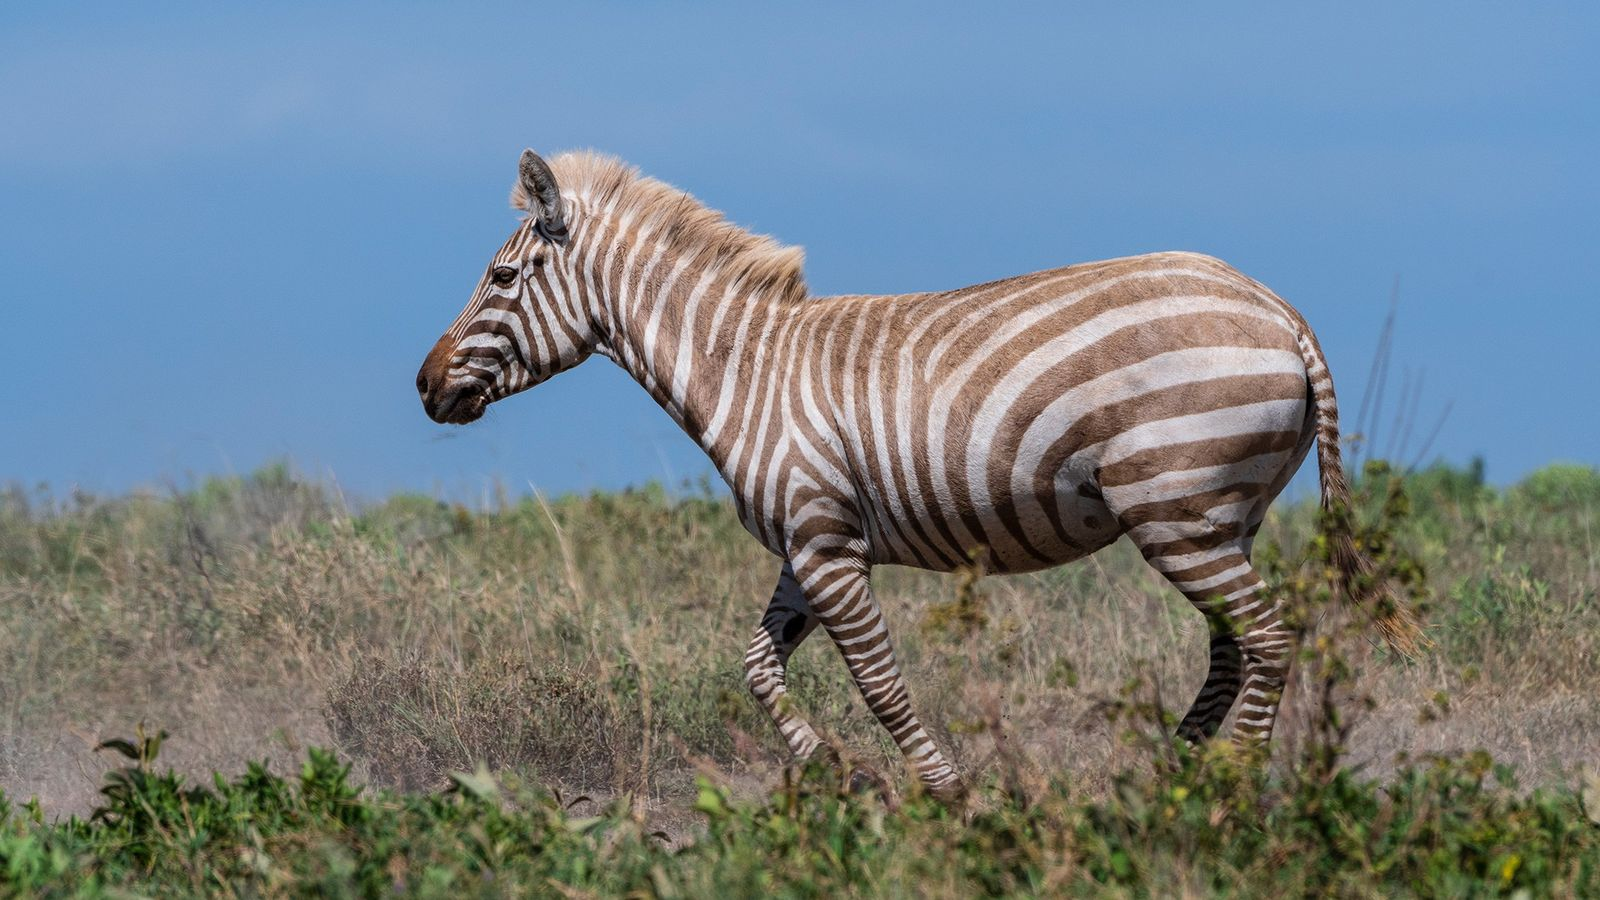 Uma zebra extremamente rara com albinismo parcial caminha por um vale no Parque Nacional de Serengeti. ...